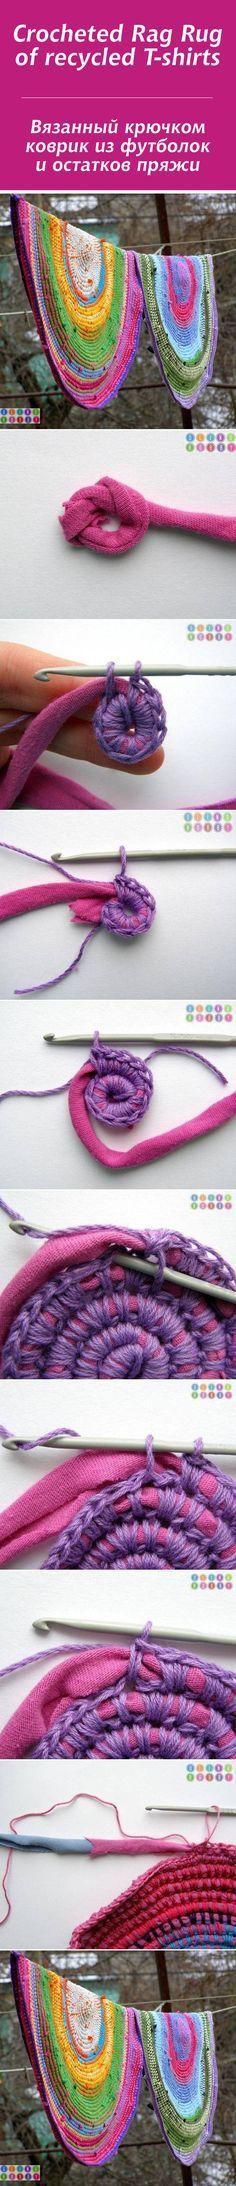 Вязанный крючком коврик из футболок  и остатков пряжи / Crocheted Rag Rug  of recycled T-shirts #crochet #homedecor #diy #recycle